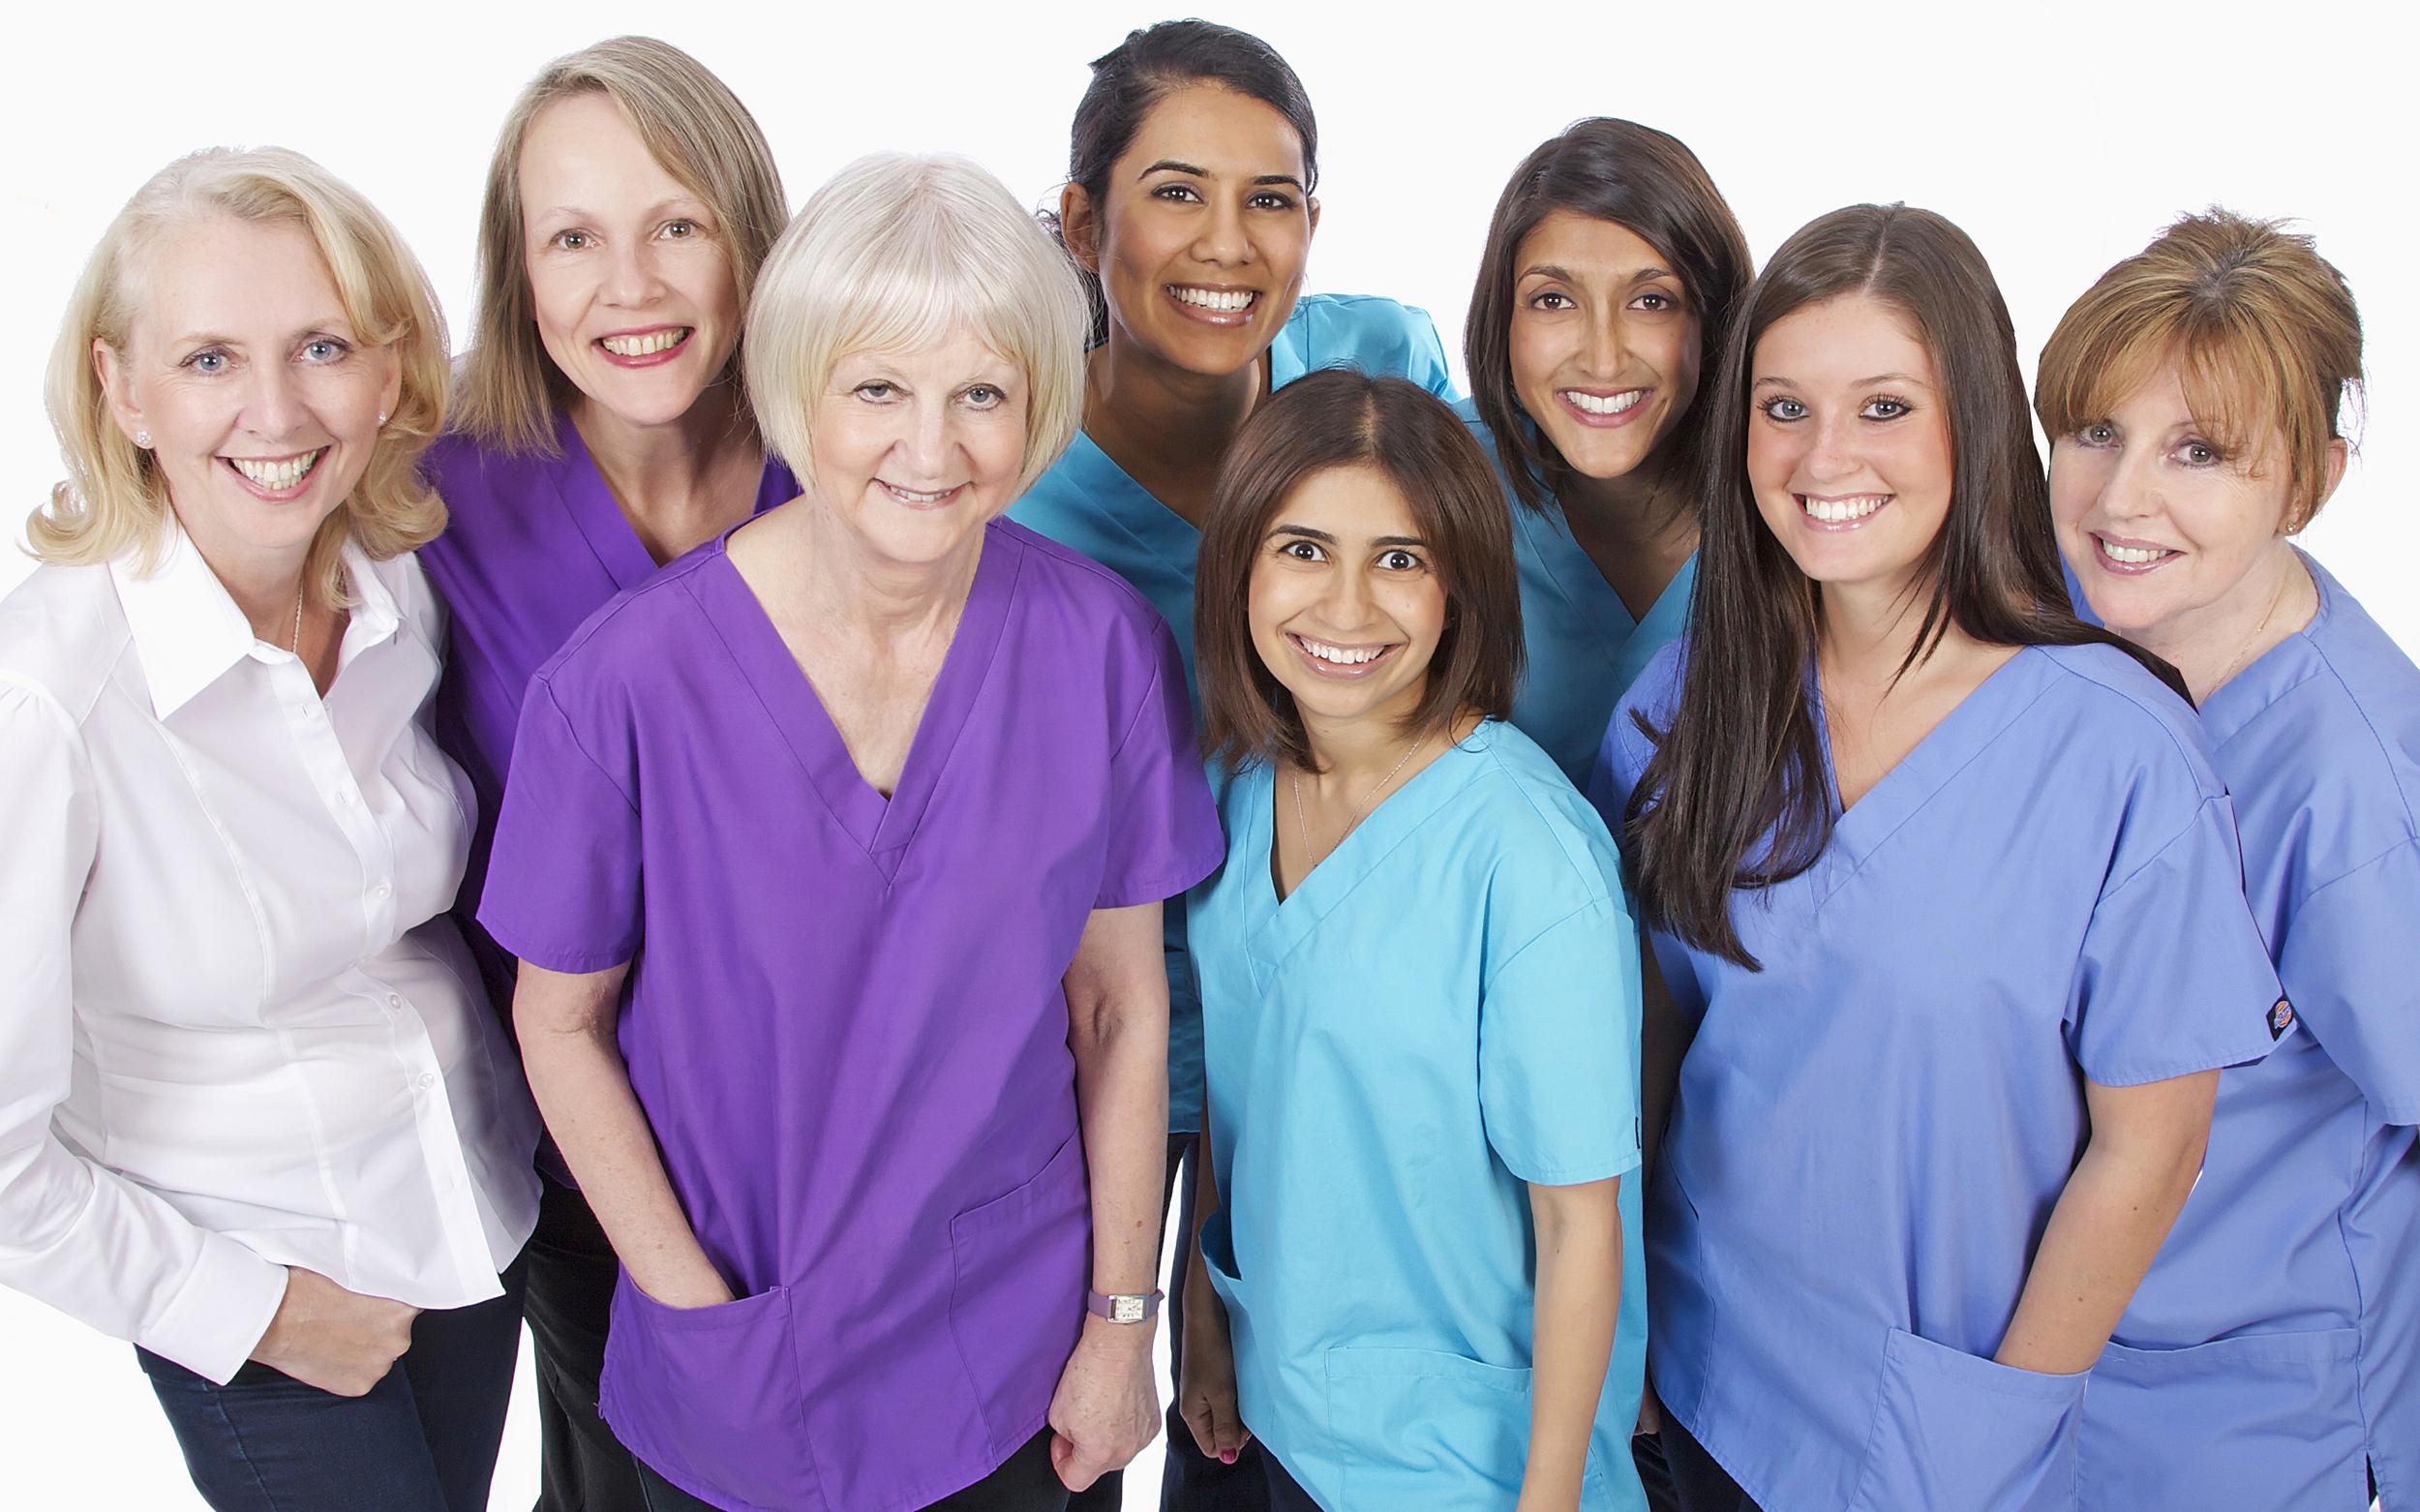 The Cuffley Village Dental Practice Team